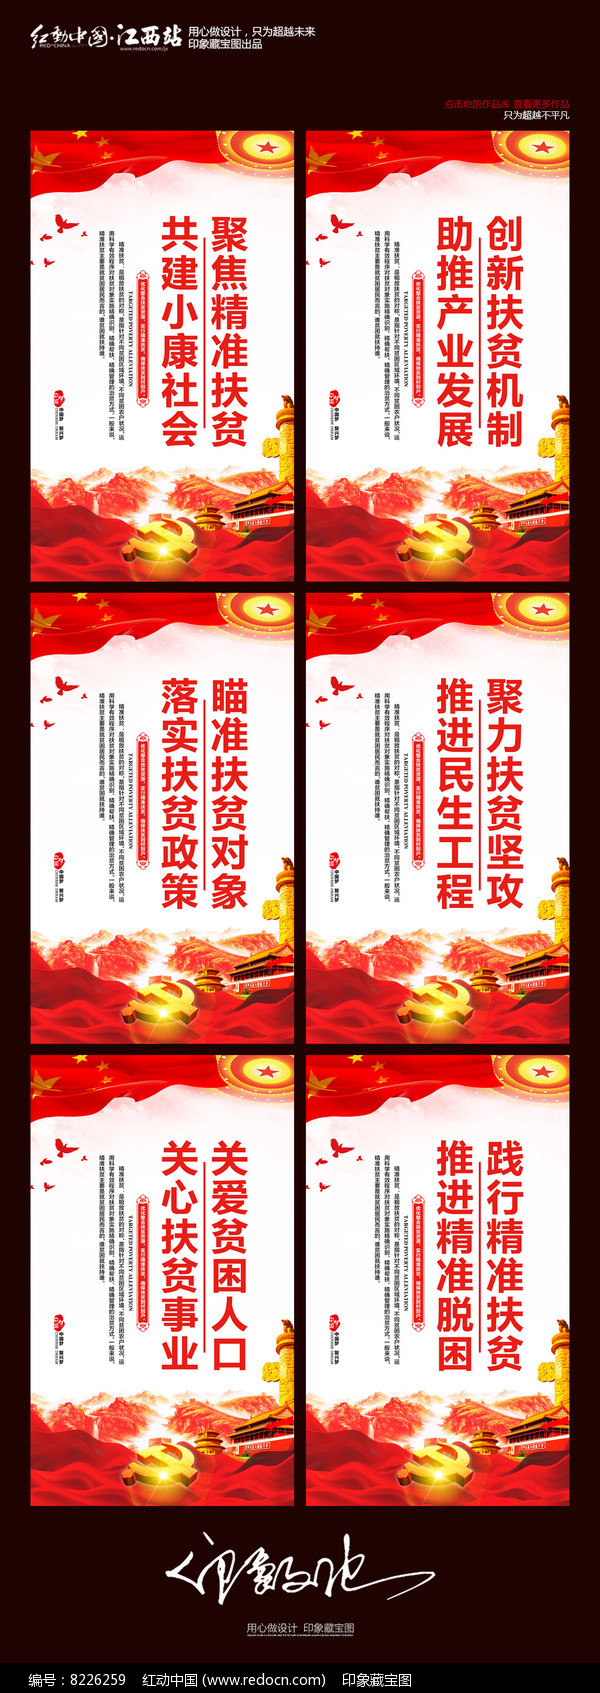 红色大气精准扶贫标语宣传展板图片